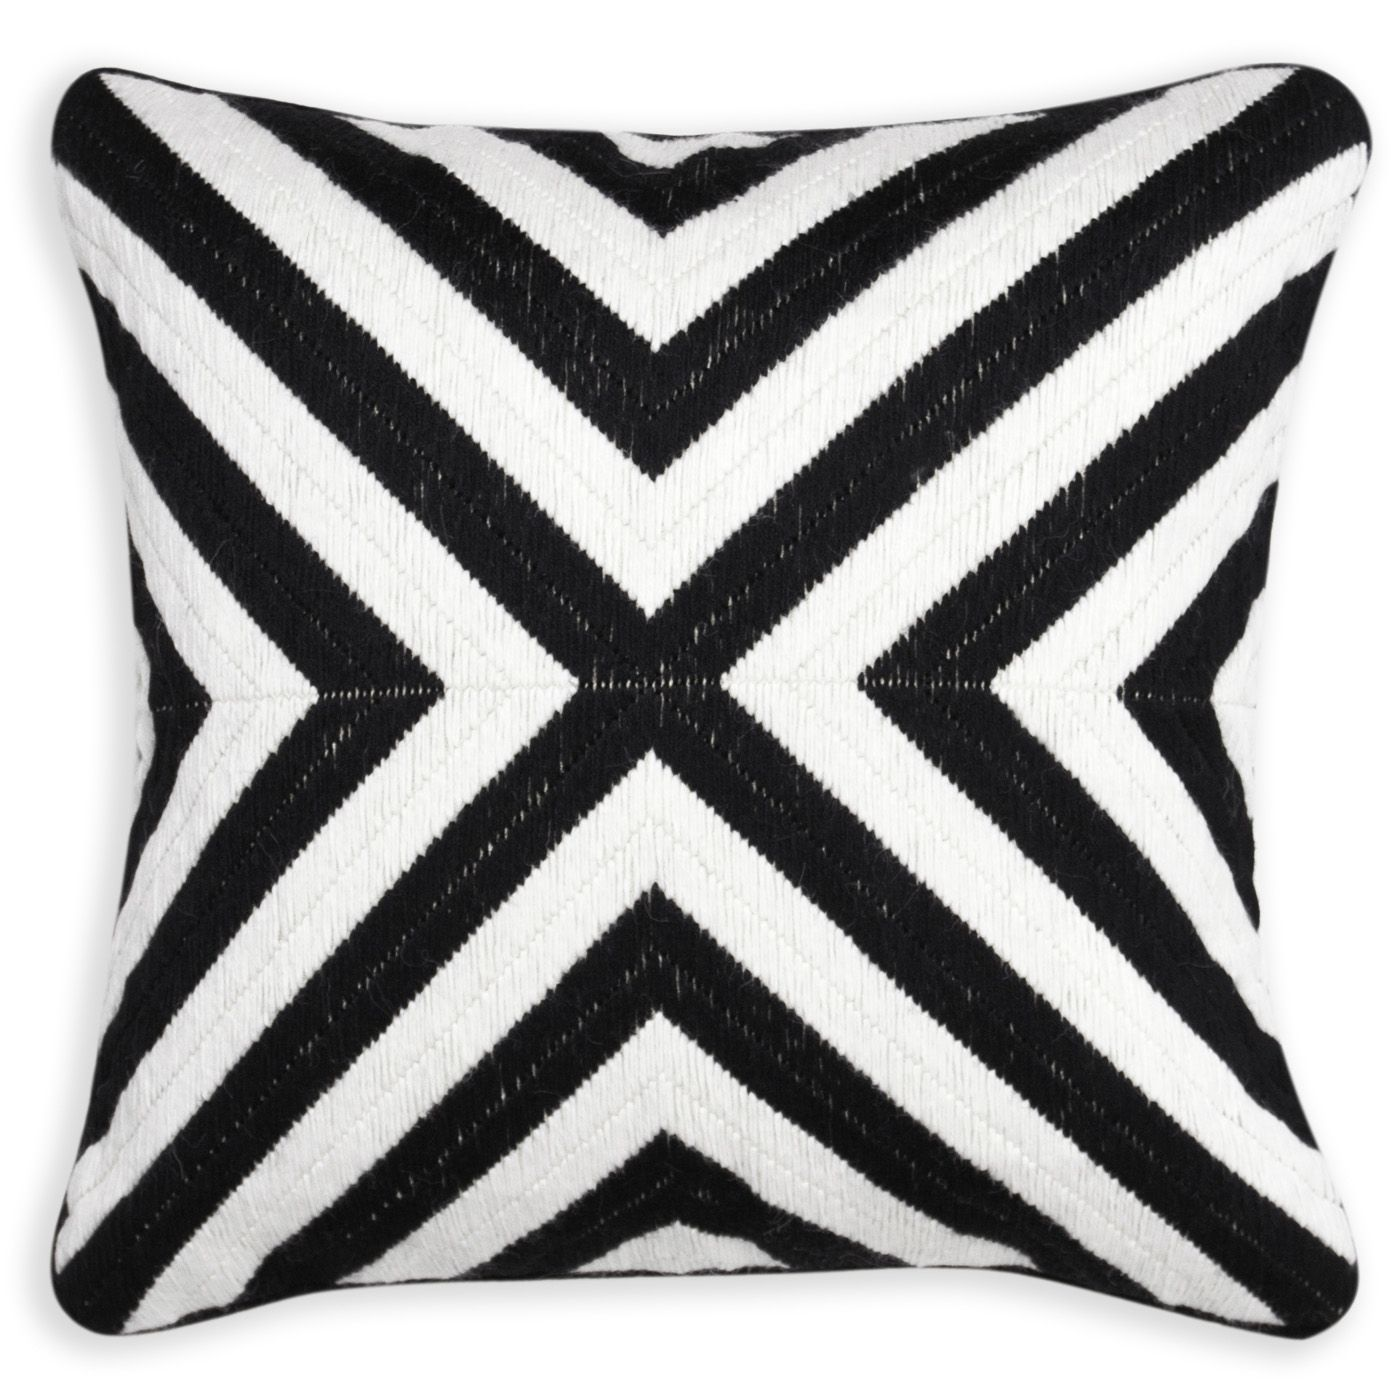 Black White Pillow Jonathan Adler Throw Pillows Modern